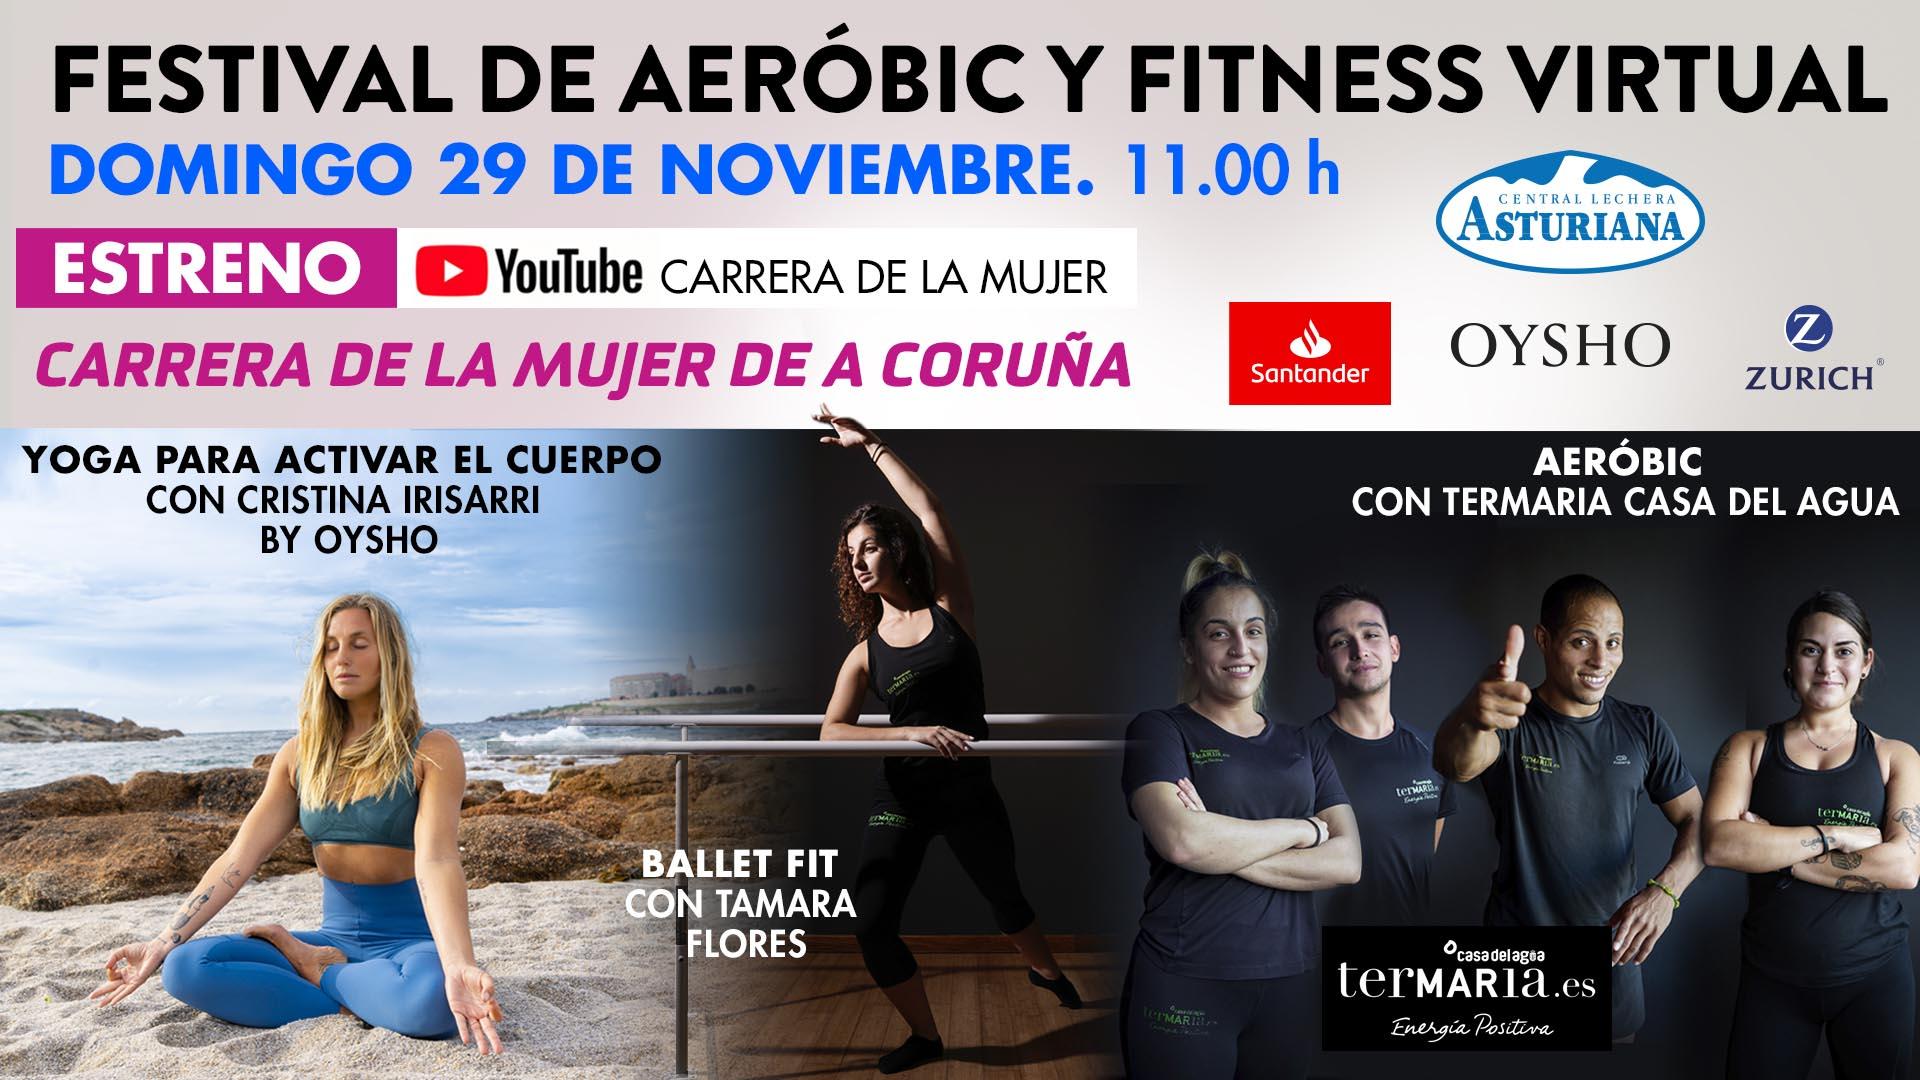 ¡No te pierdas el último festival de aeróbic y fitness de la Carrera de la Mujer Virtual 2020!